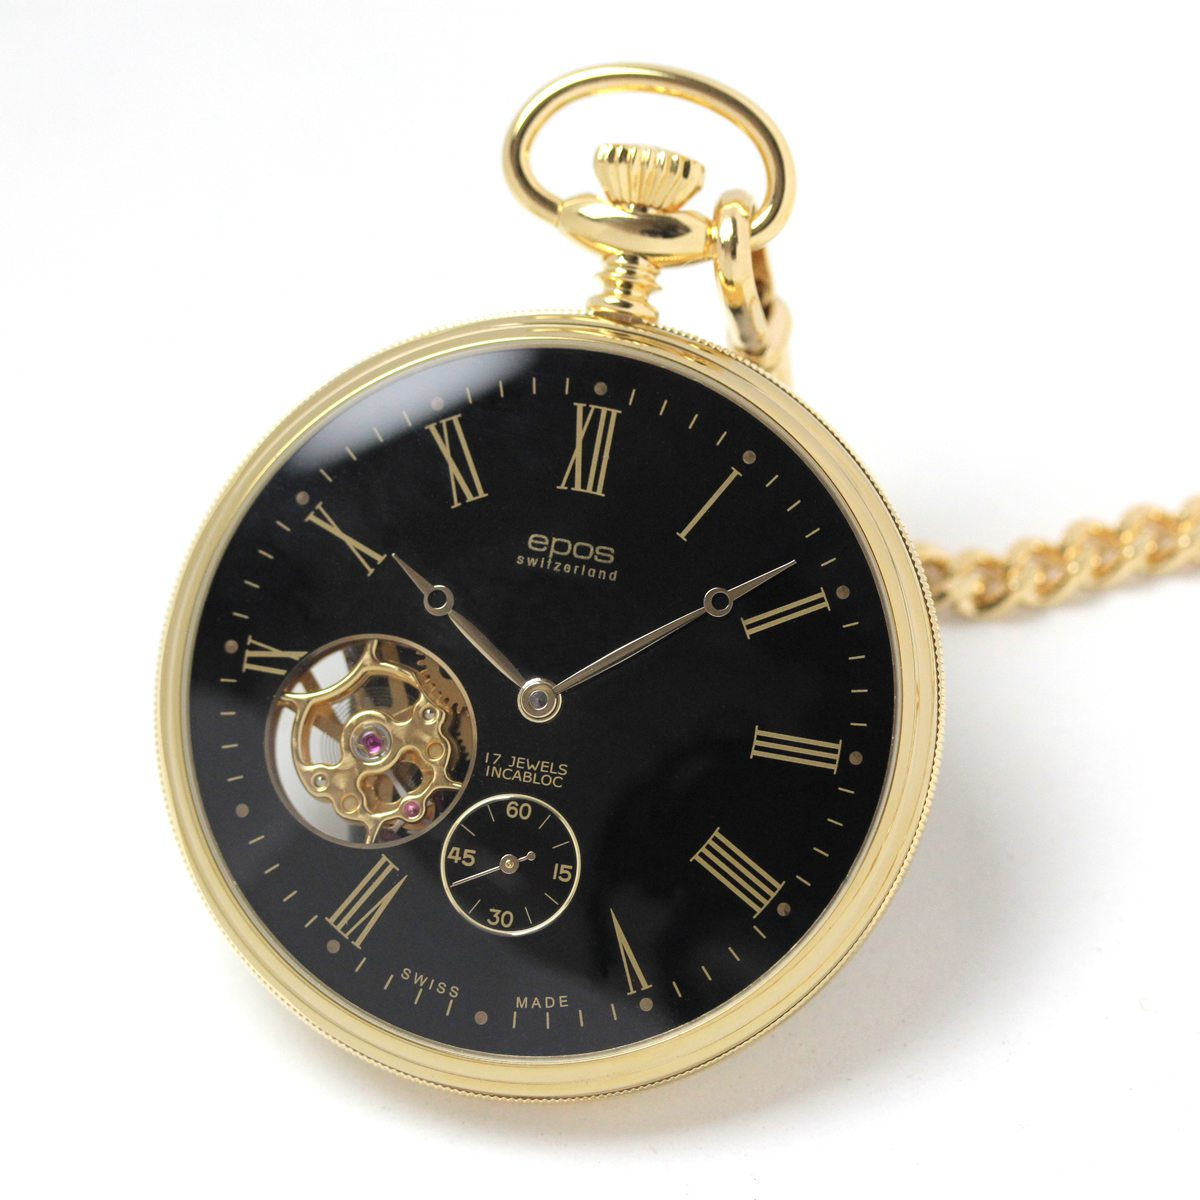 エポス/epos/シースルーバック/2090GPBK 懐中時計